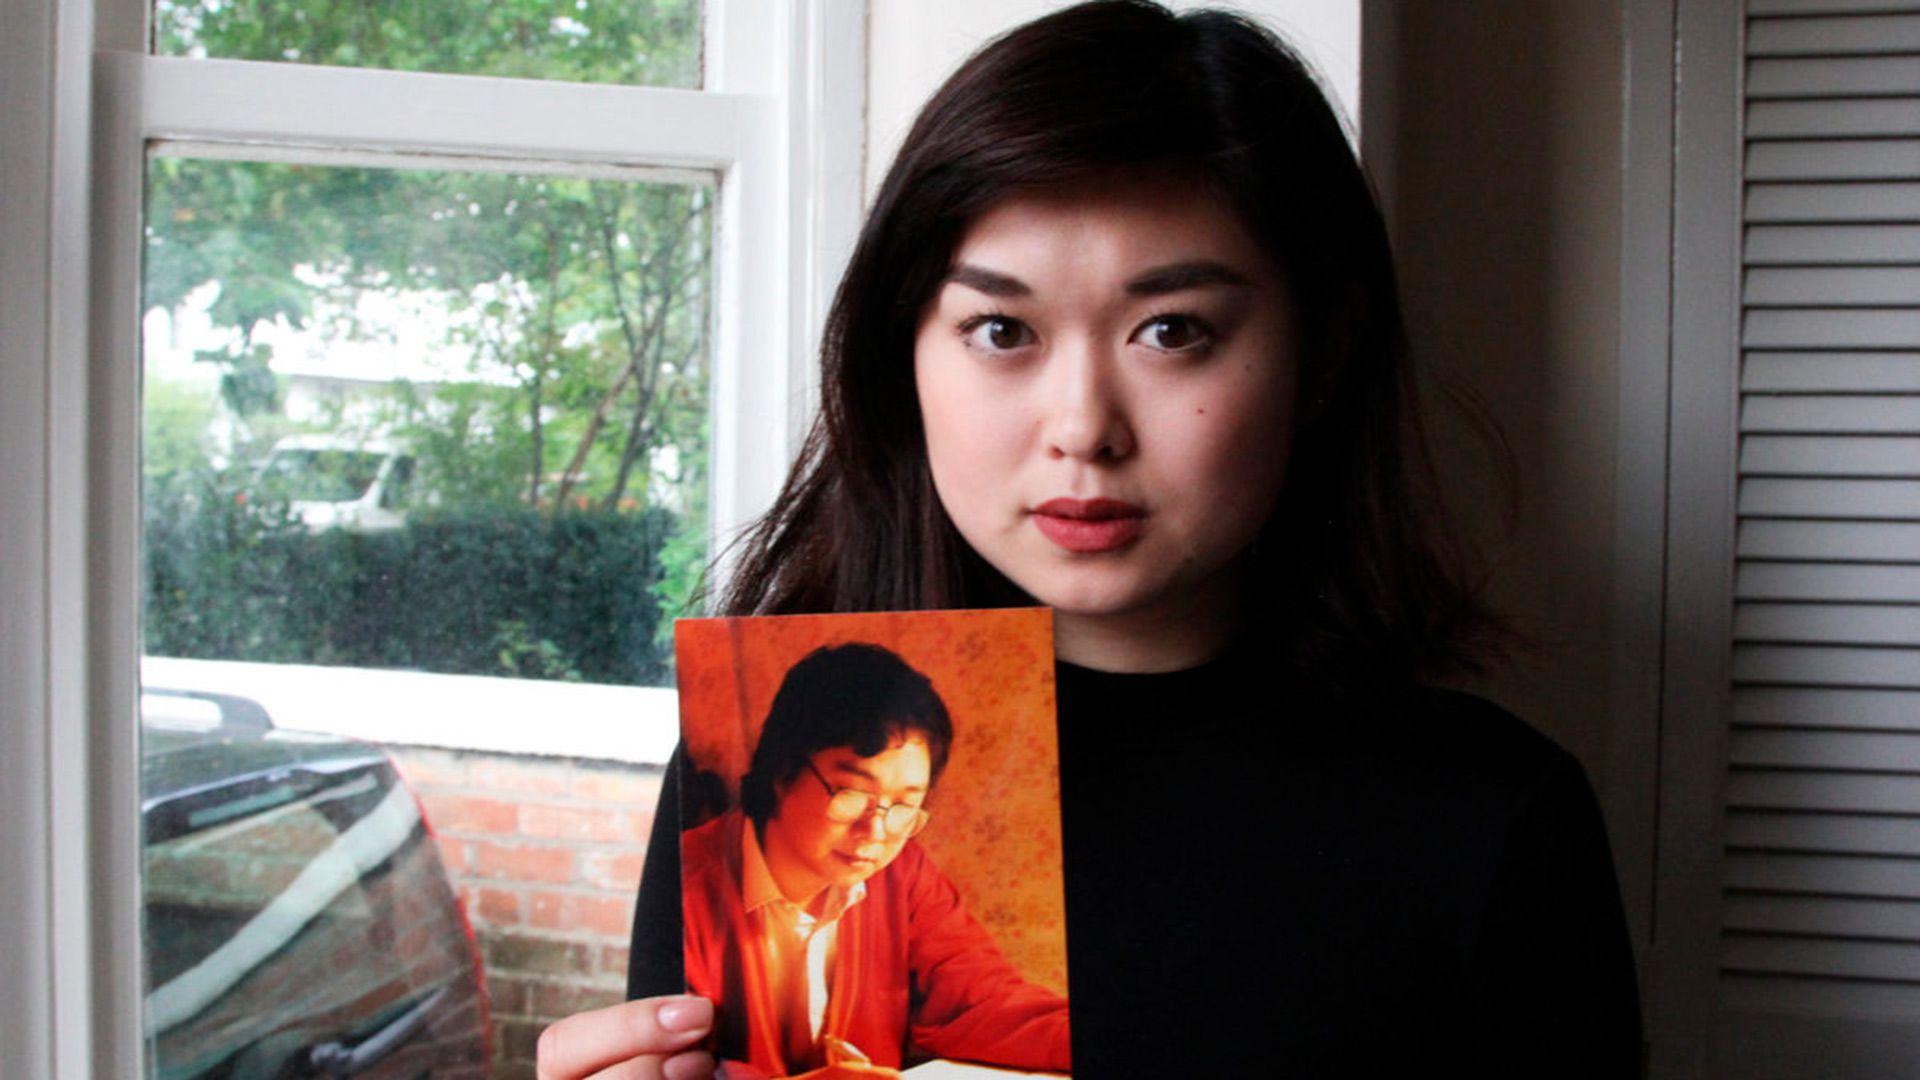 Angela Gui, la hija del editor, comenzó una campaña de derechos humanos, Free Gui Minhai, para presionar por la libertad de su padre.